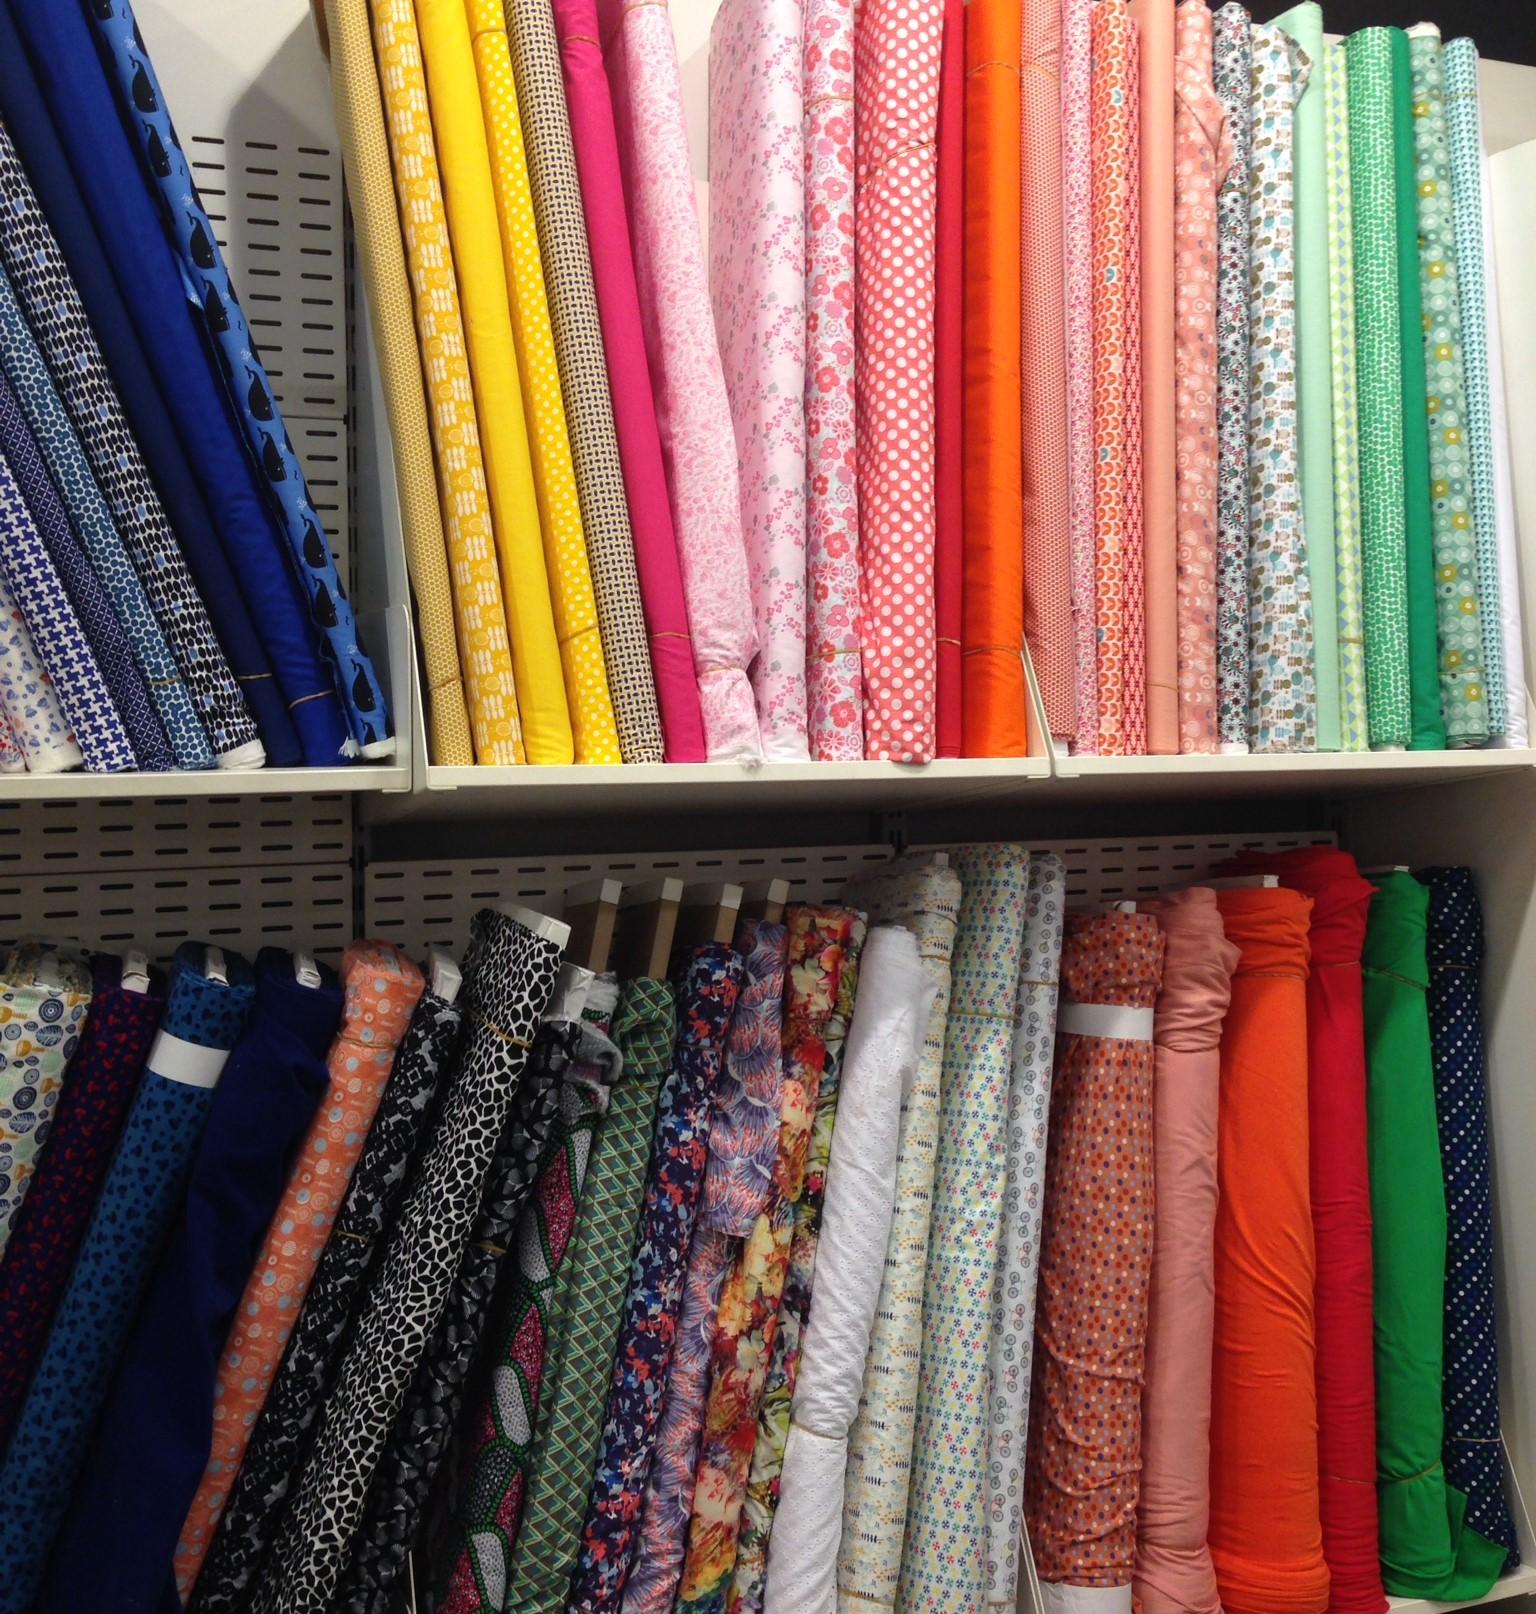 shelves of fabric.JPG